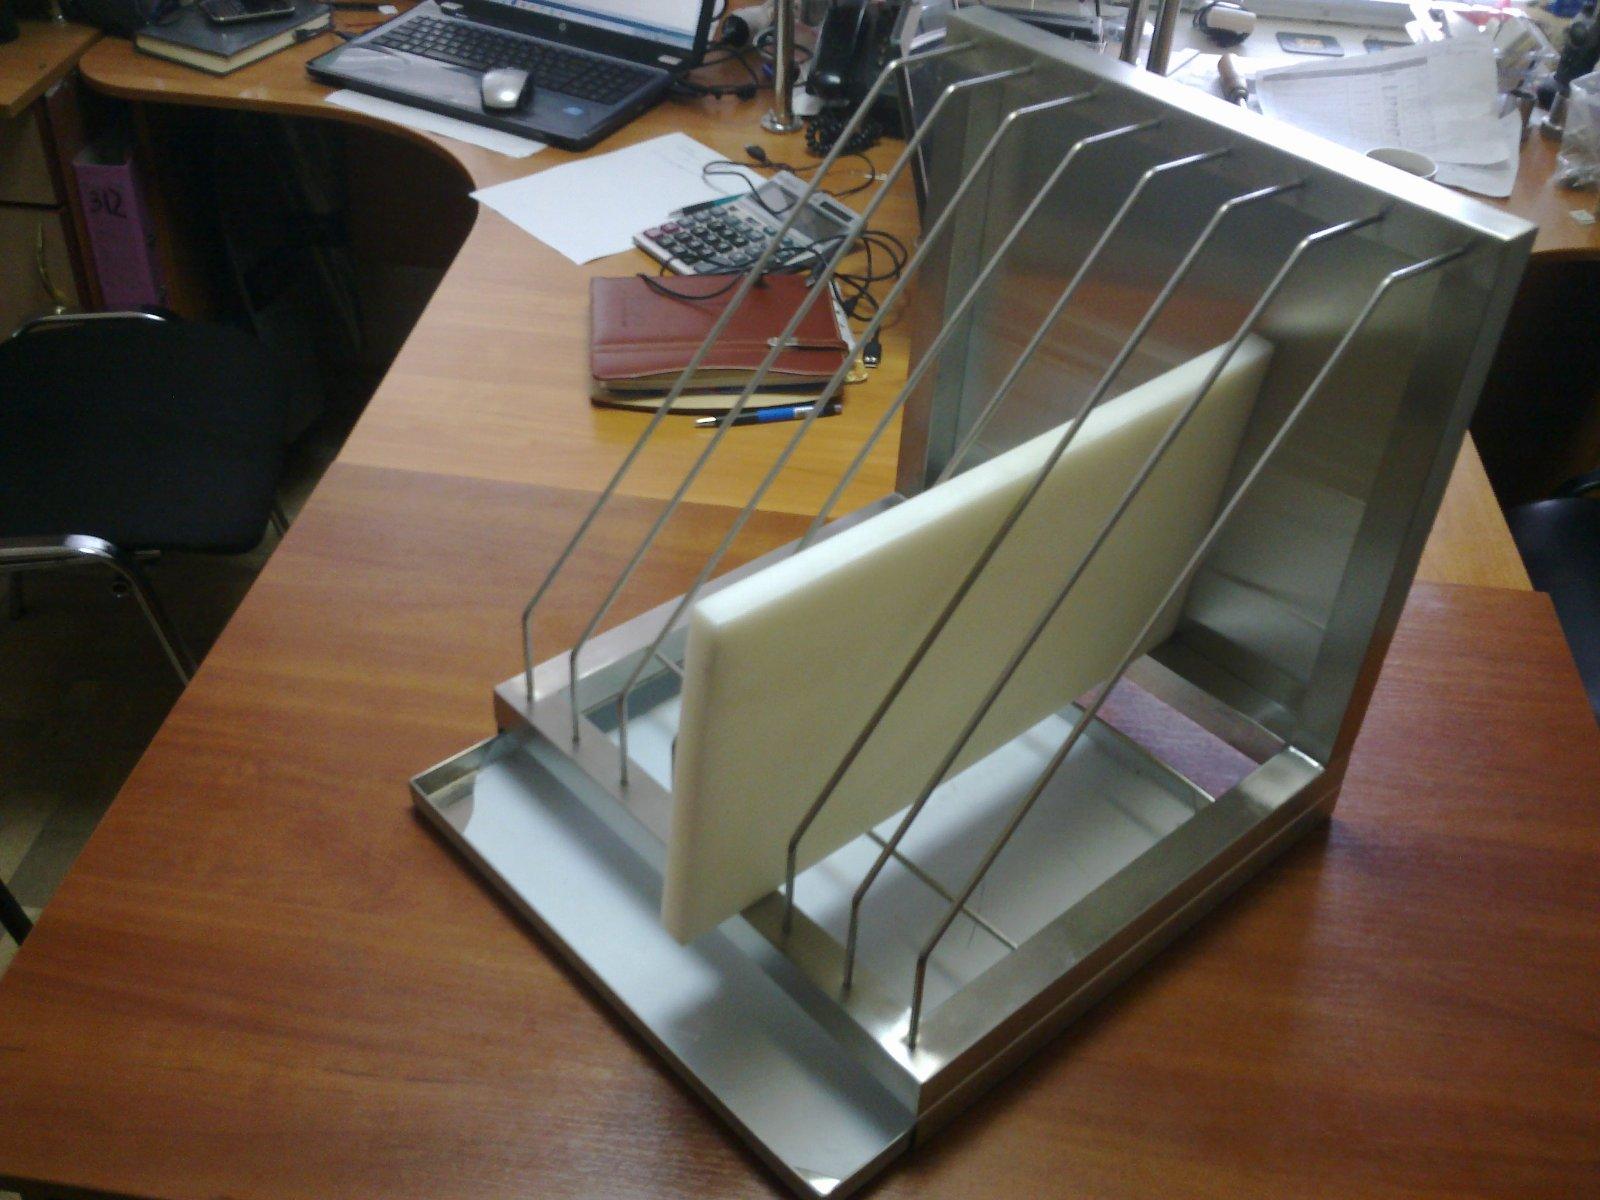 Полка для сушки ДОСОК нержавейка открытая (400x400x400мм) - фотография